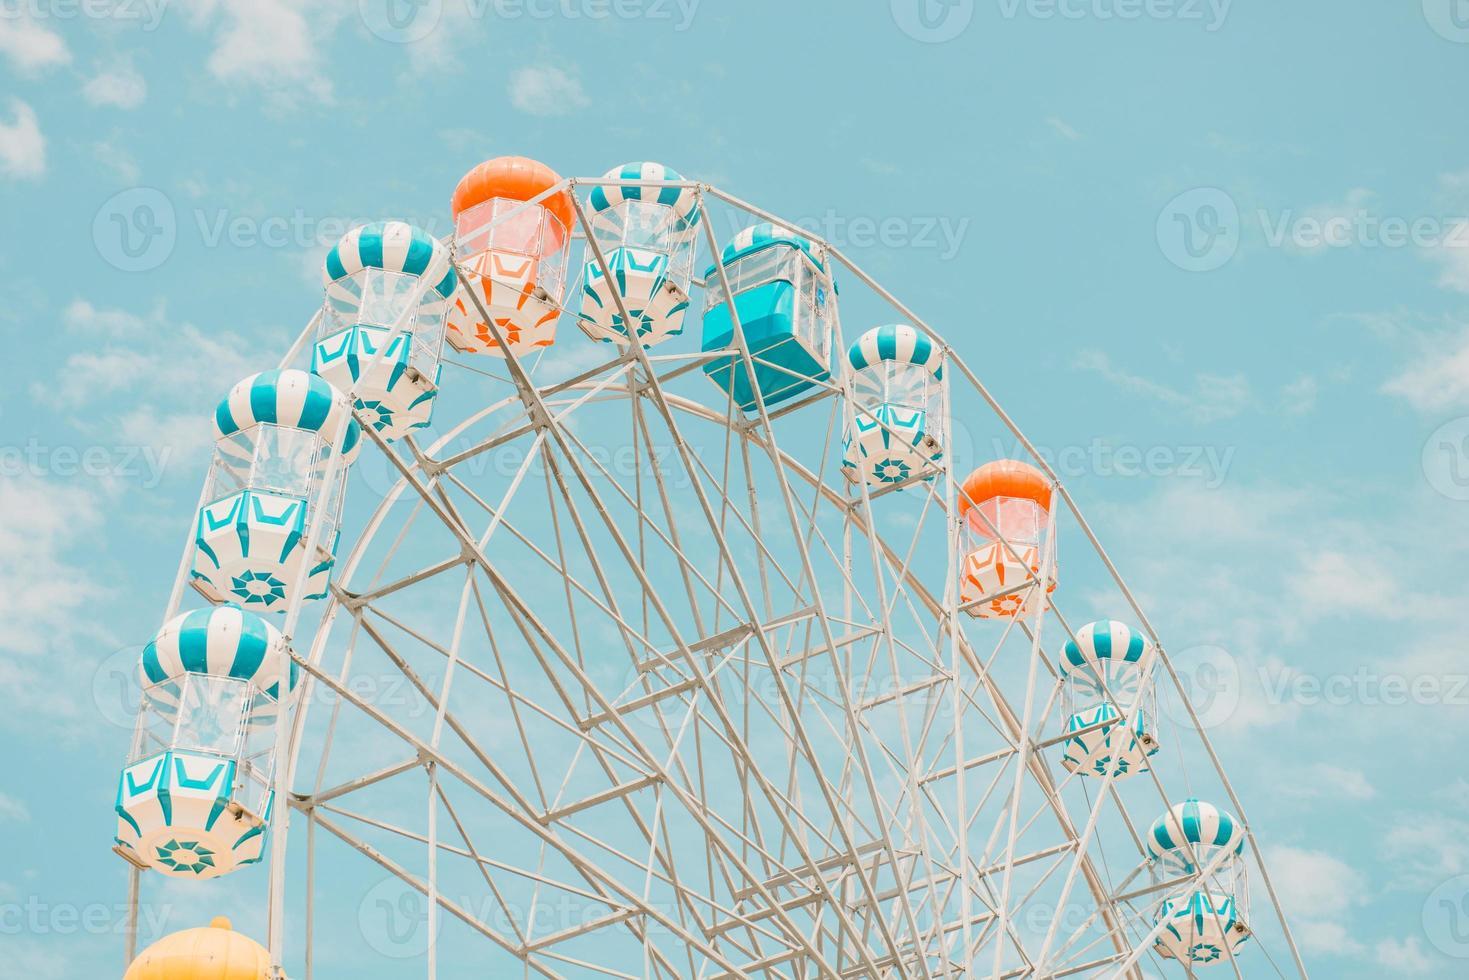 pariserhjul med blå himmel foto